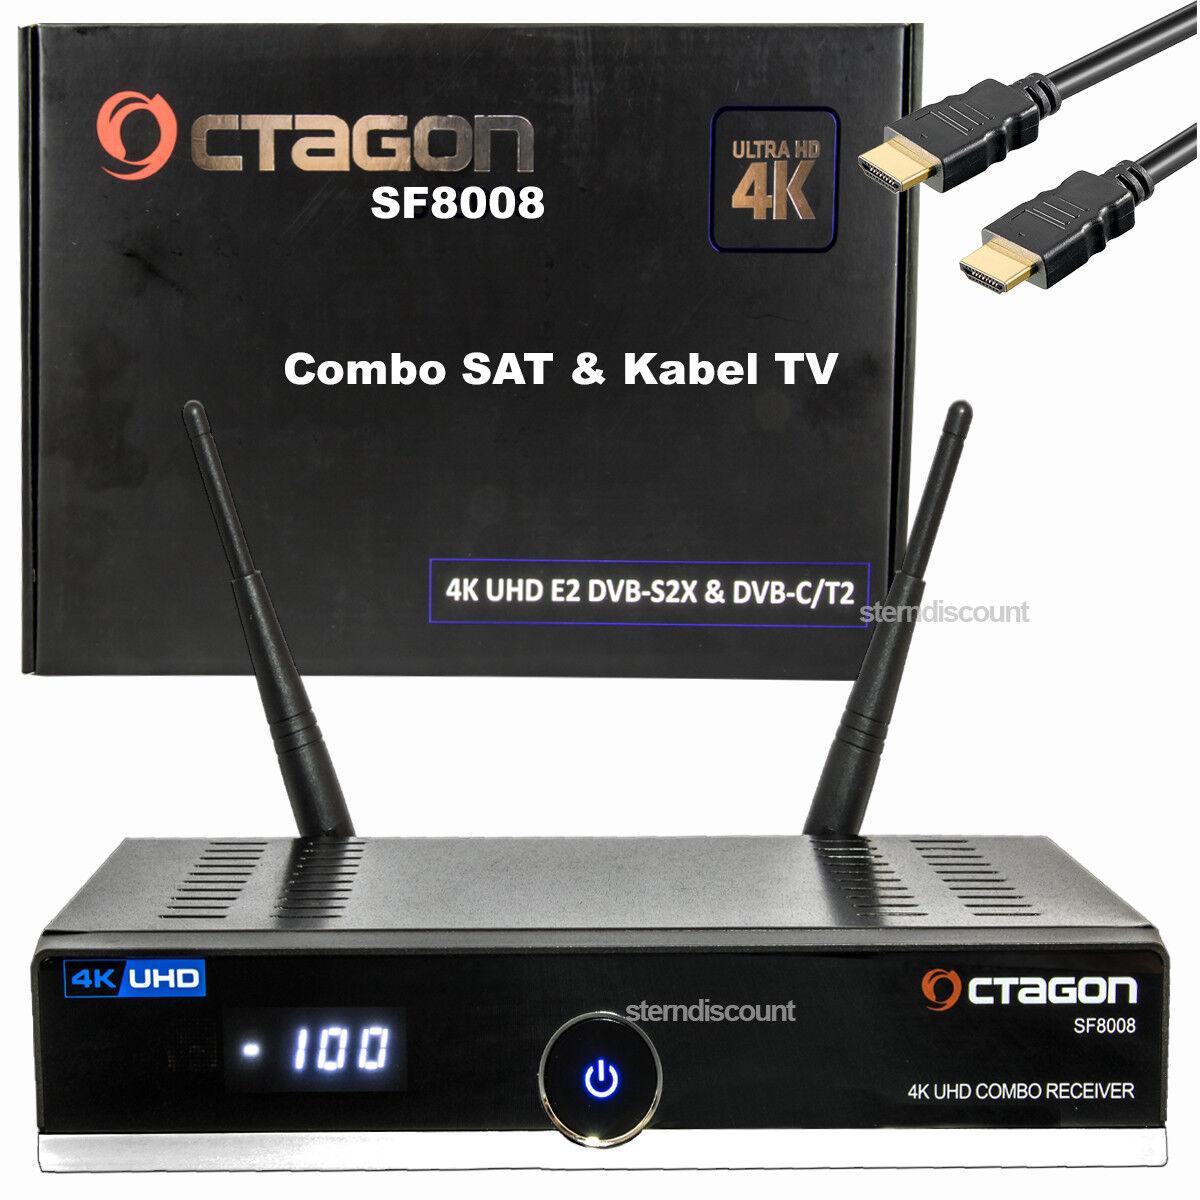 OCTAGON SF8008 4K Receiver Combo DVB-S2X + DVB-C/T2 SAT + Kabel-TV WLAN USB 3.0